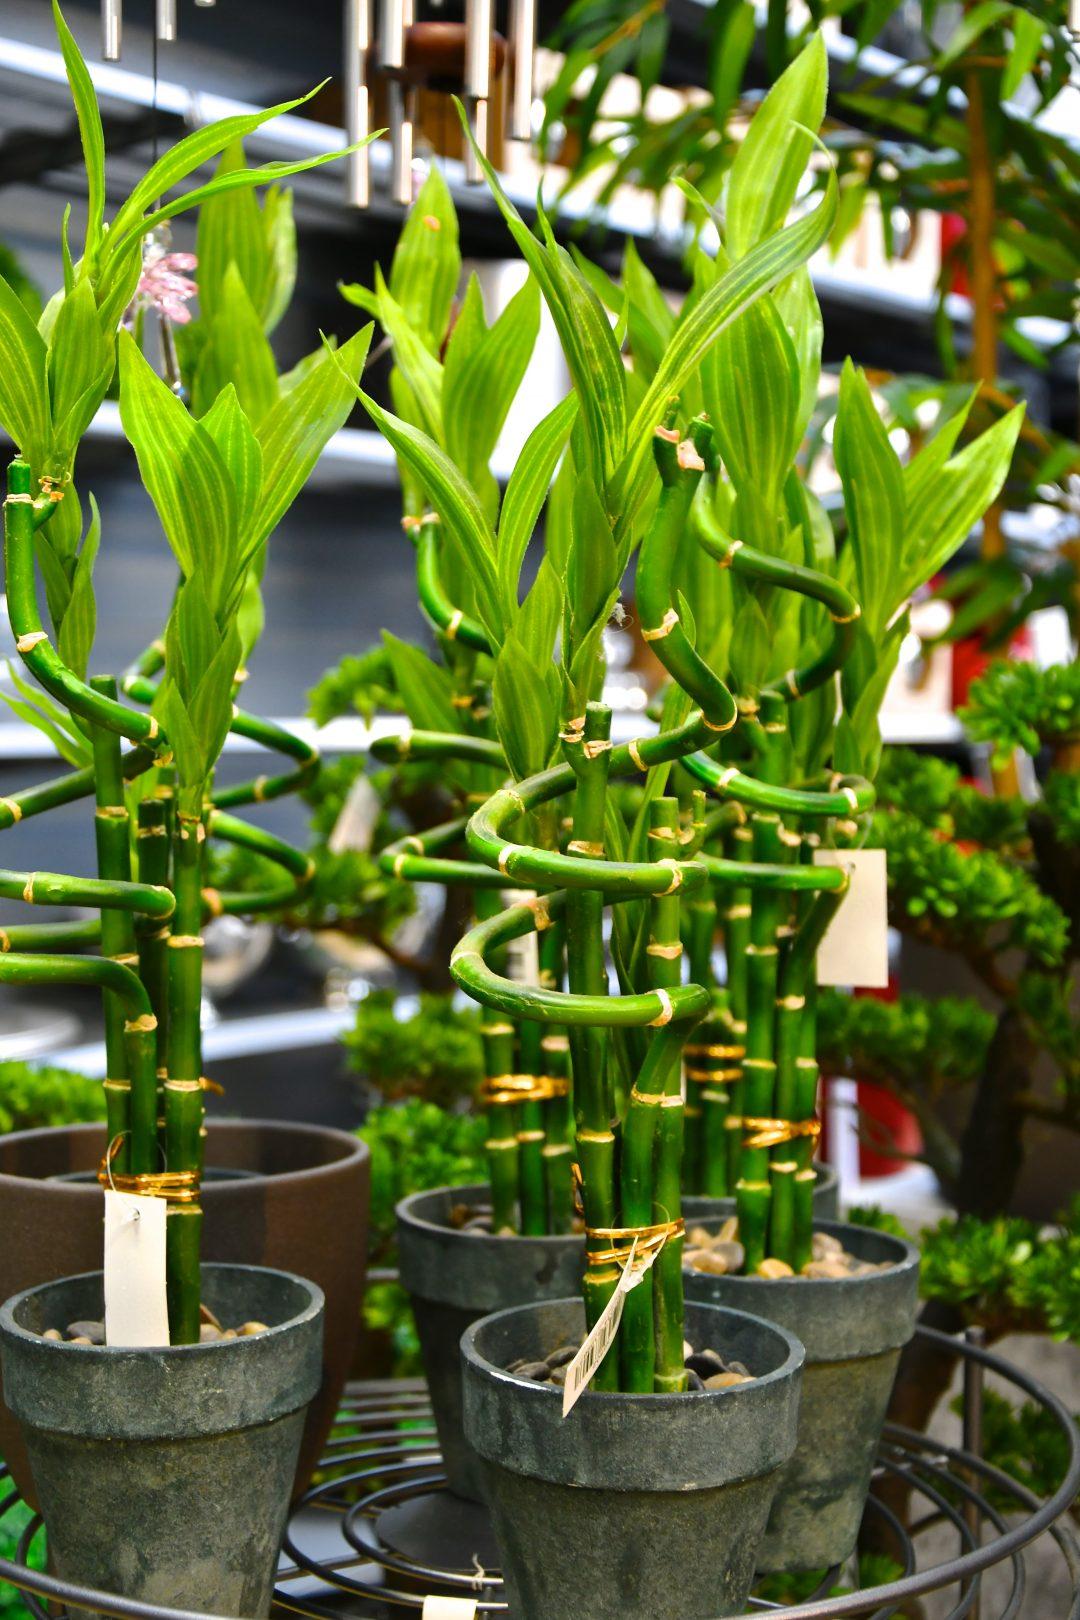 """Auf diesem Bild sieht man """"Lucky Bamboo"""" den sogenannten Glücksbambus in künstlicher Form. Diue Bambusstämme sind in diesem Fall jedoch echt und nur das obere Blattwerk ist künstlich."""